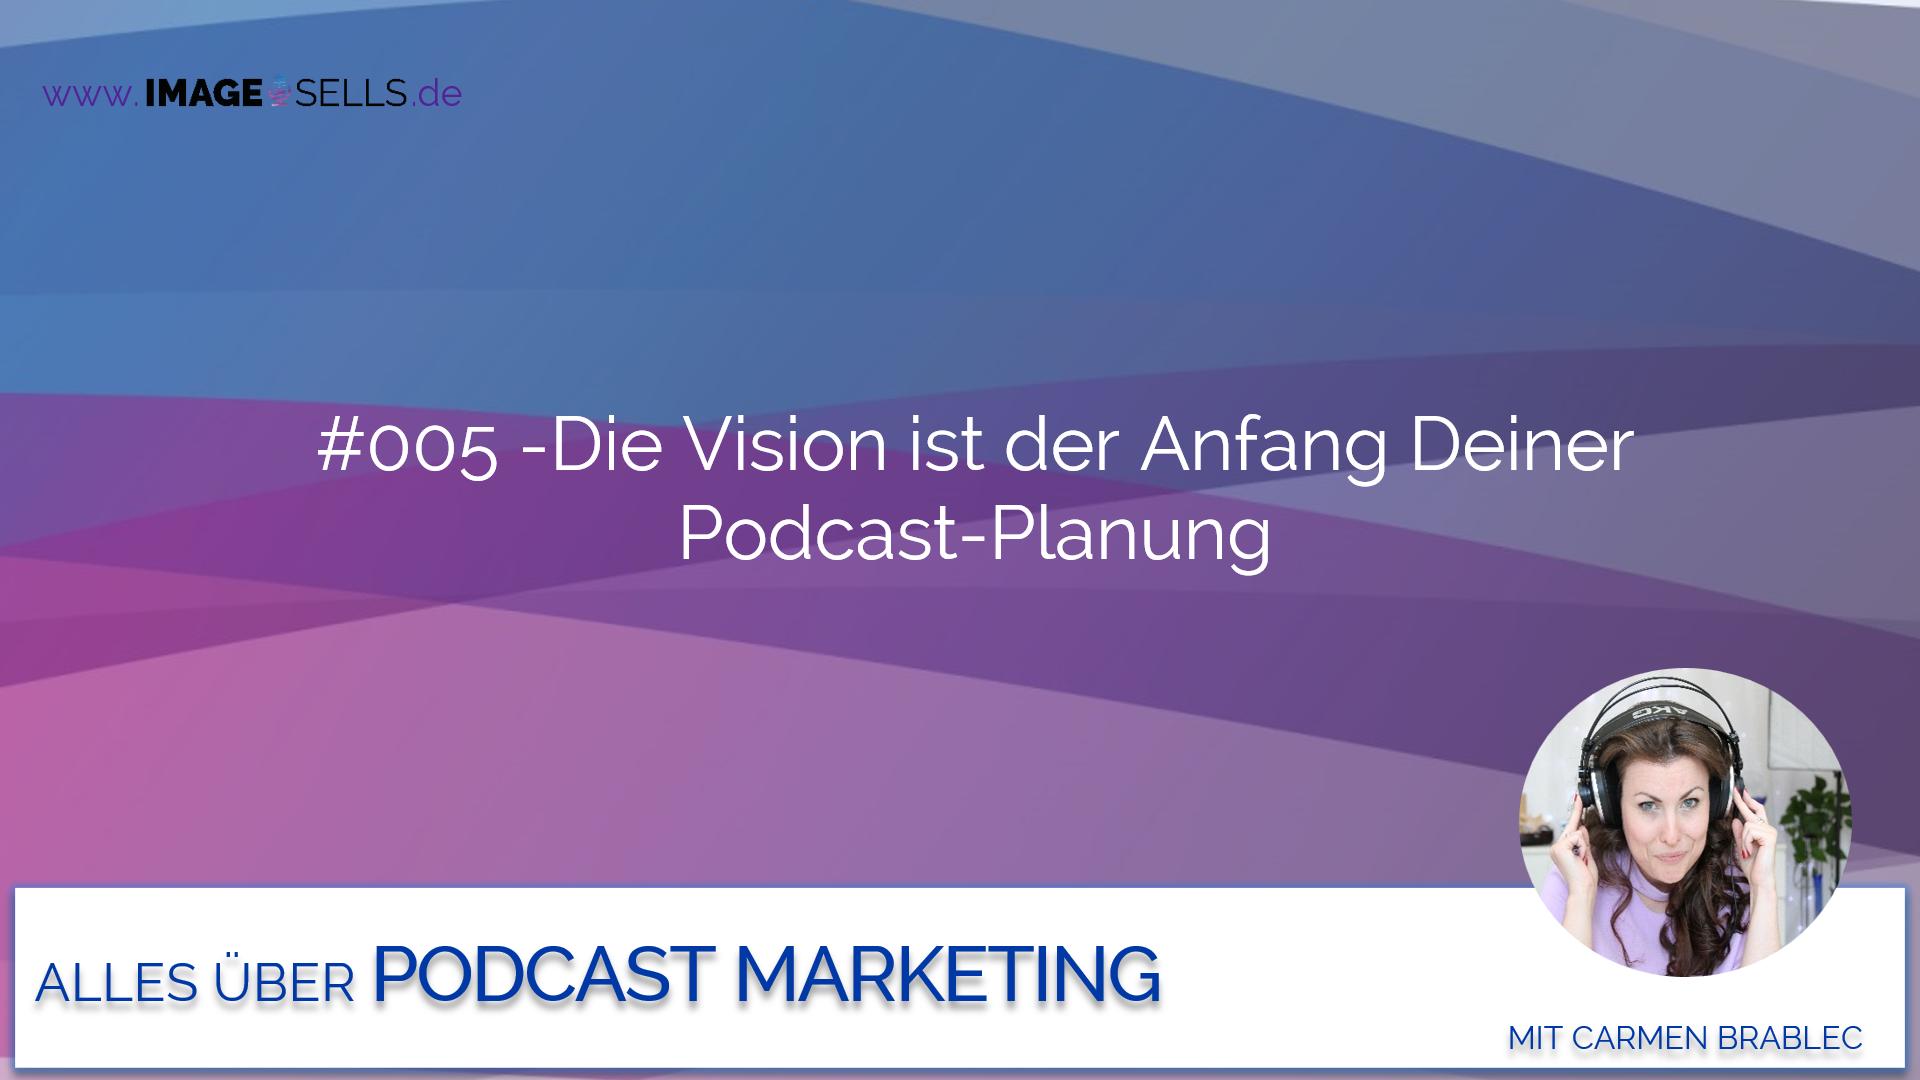 Die Vision ist der Anfang Deiner Podcast-Planung – #005